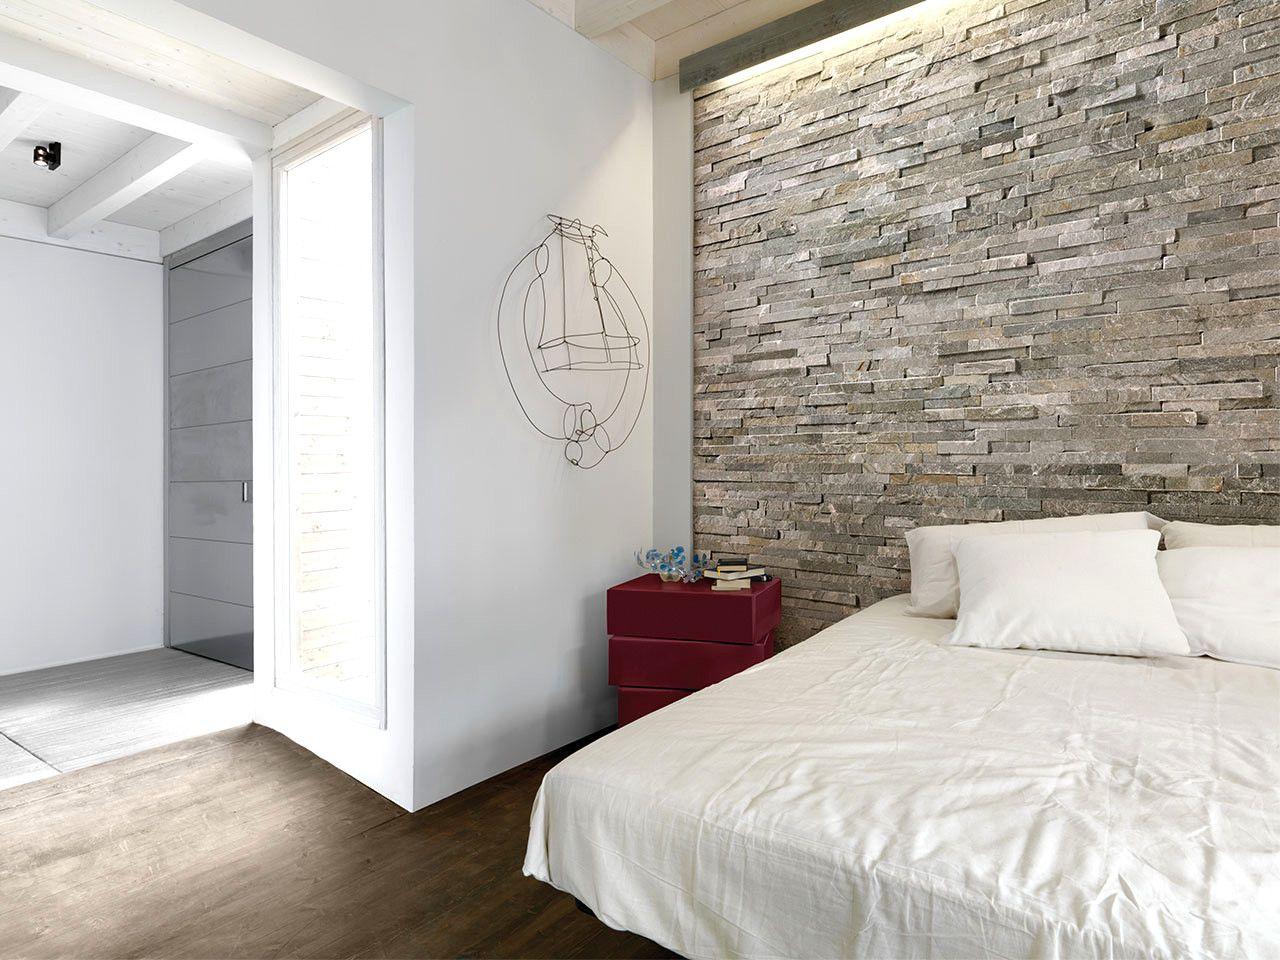 Foto stock 143503666 a tema interno moderno bagno con muro. Pareti In Pietra Per Soggiorno Png Fundomega1 Com